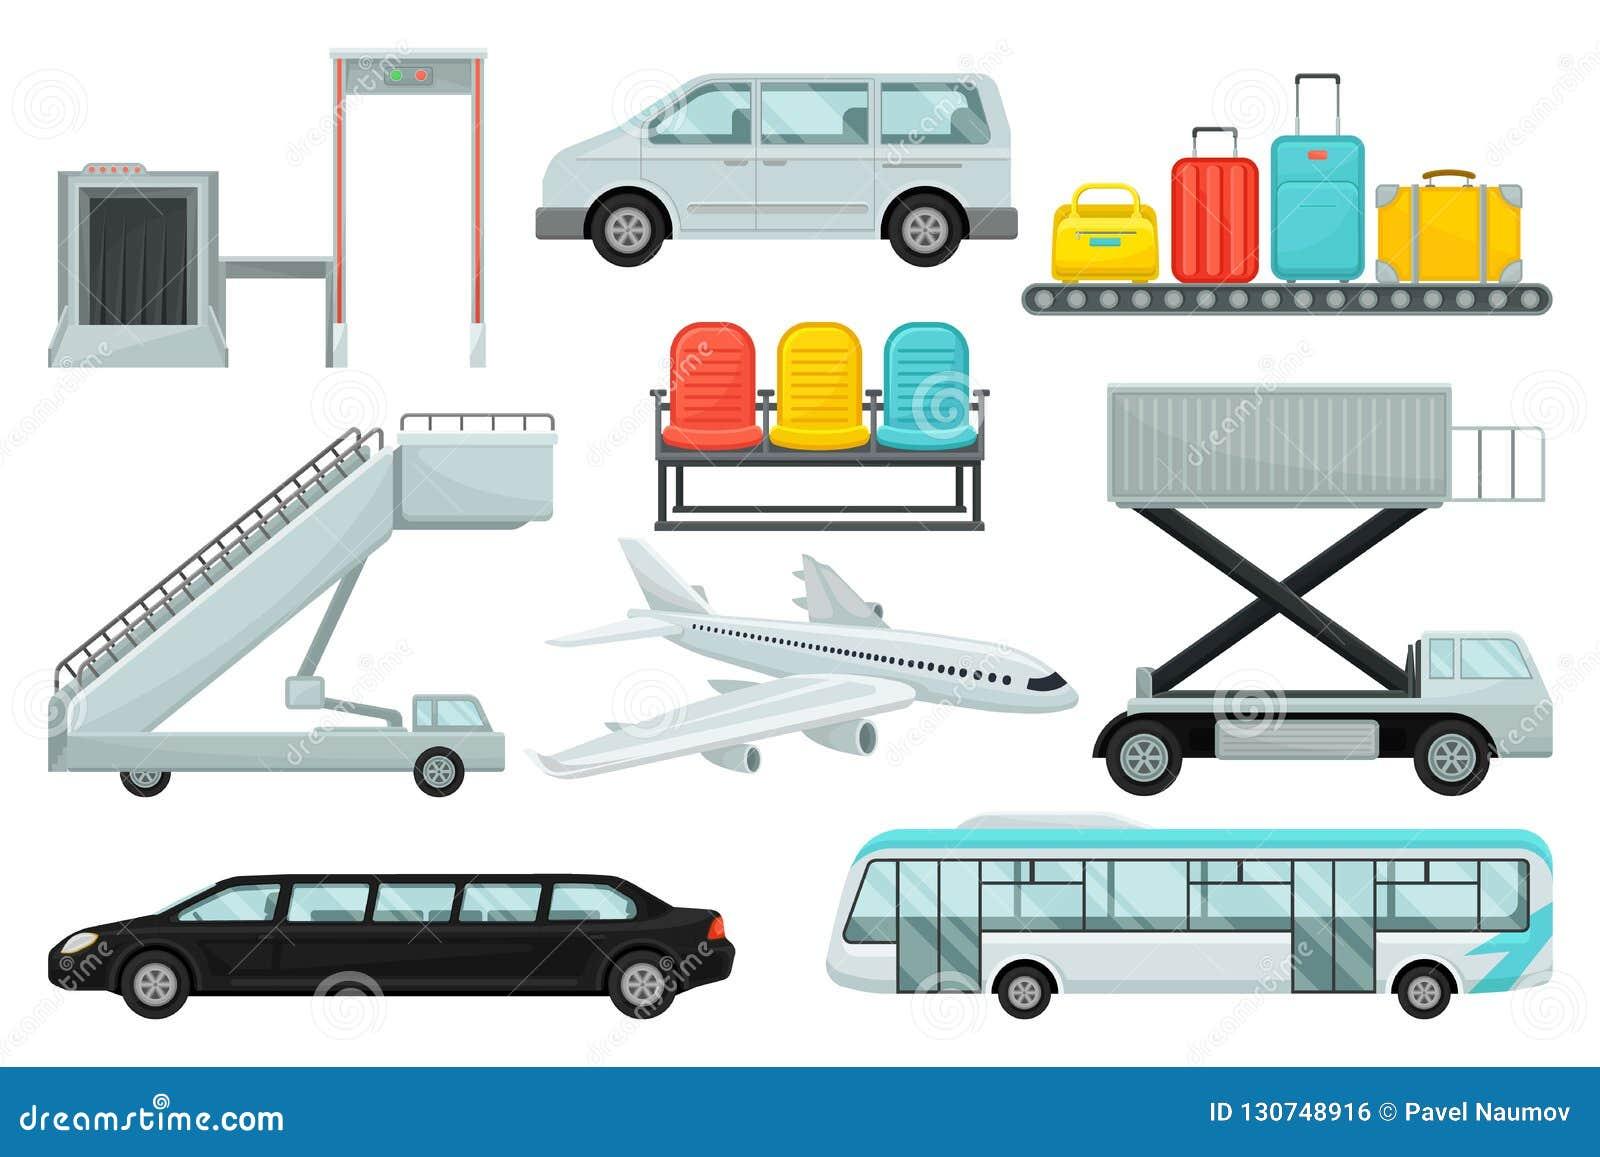 Plan vektoruppsättning av flygplatsbeståndsdelar Transport som stiger ombord trappa, karusell med resväskor, stolar, flygplanet o